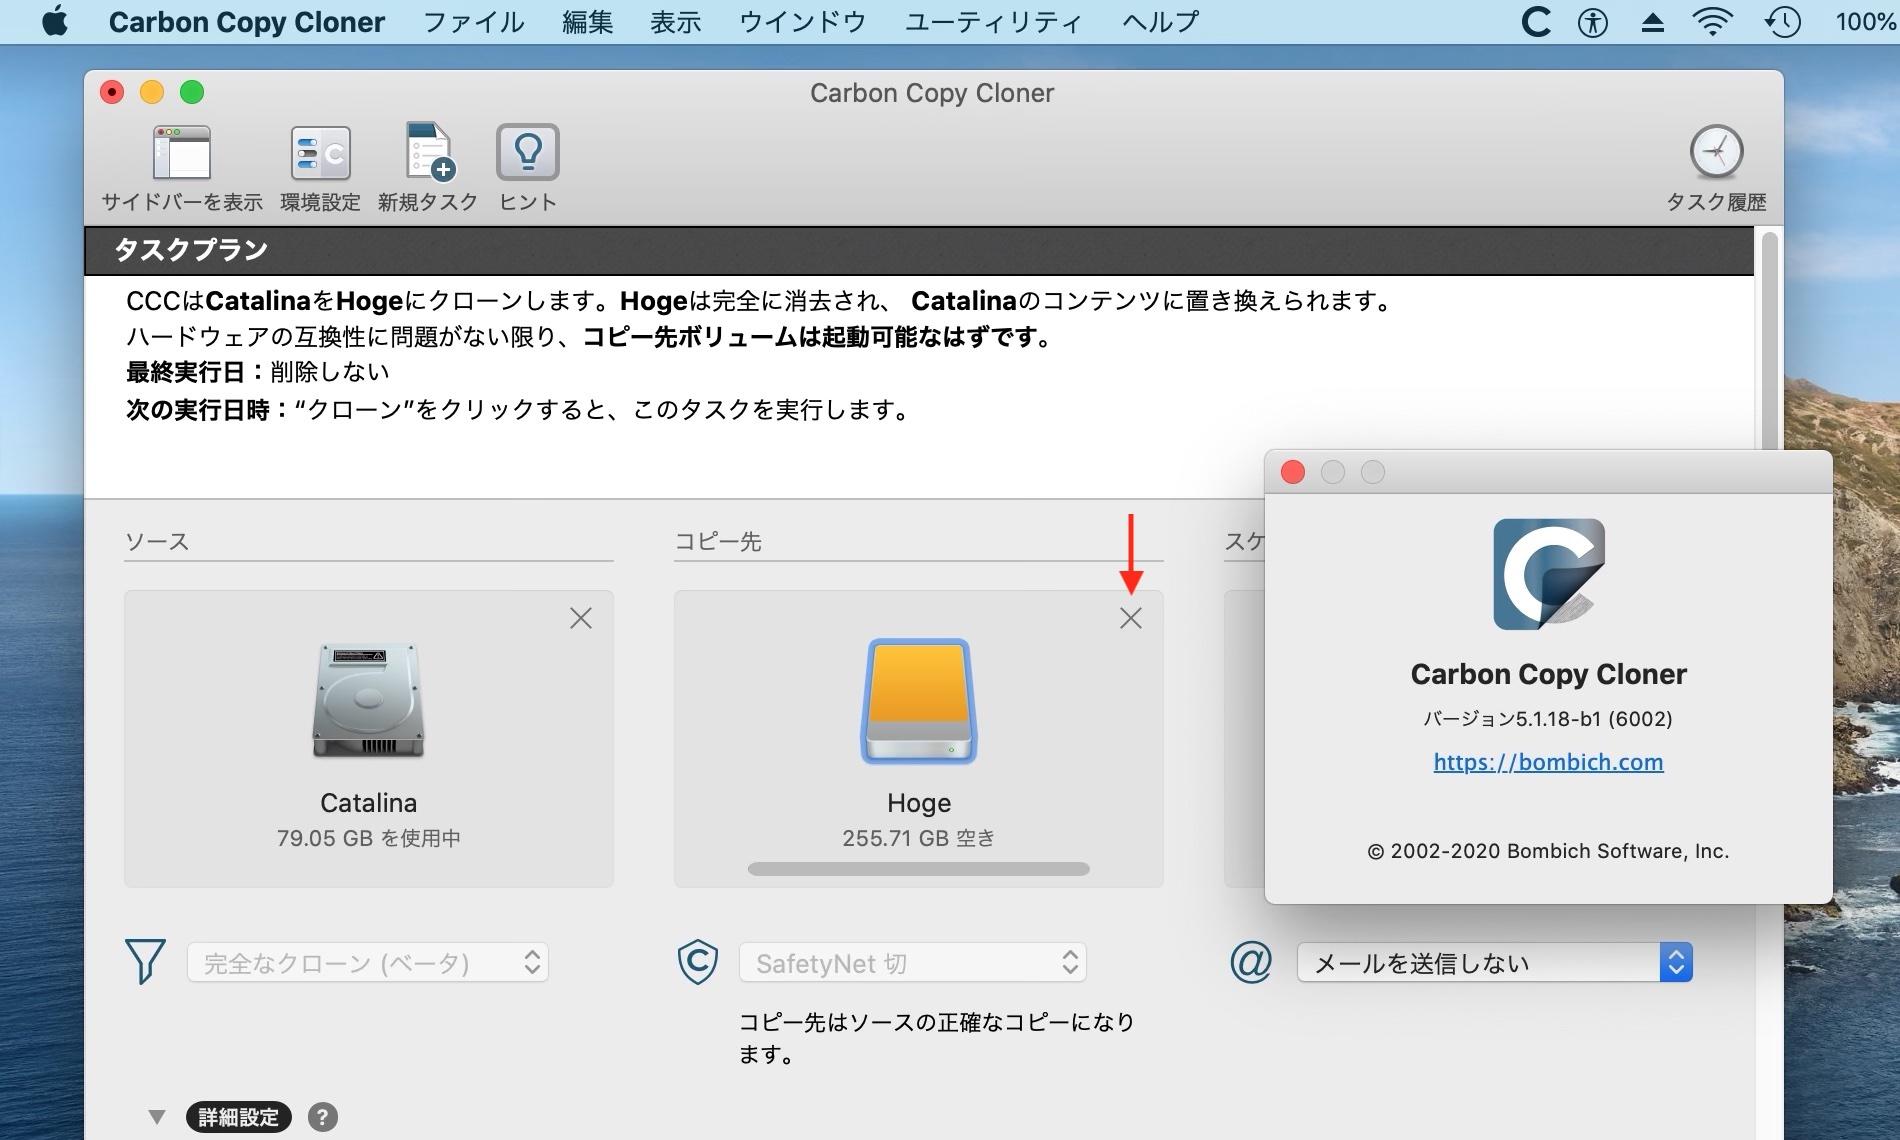 CCC 5.1.18 beta